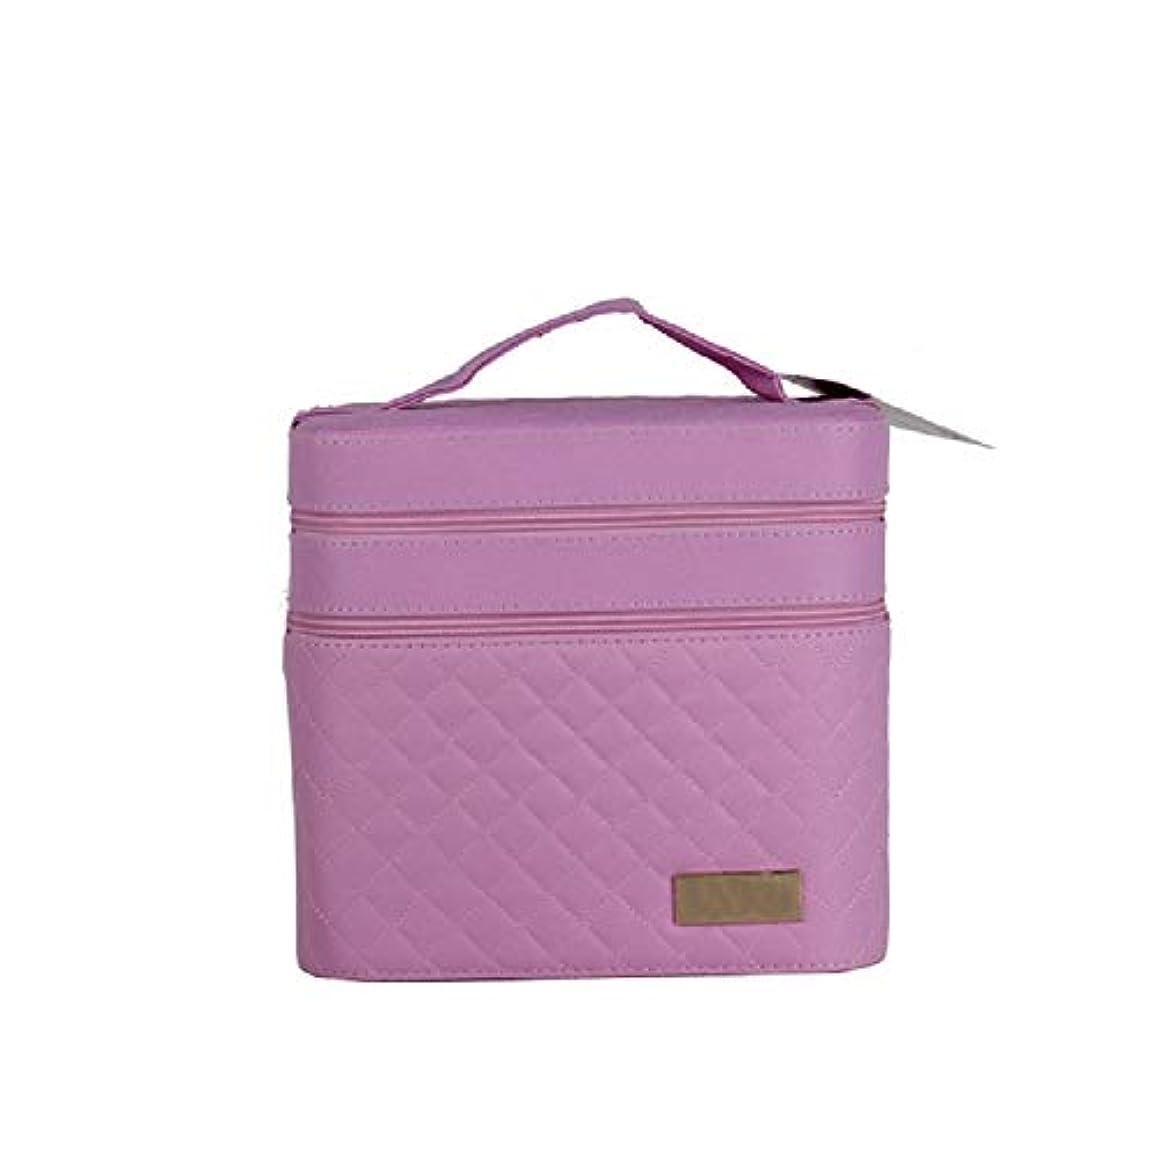 飼いならす参照適切な化粧オーガナイザーバッグ ジッパーと化粧鏡で小さなものの種類の旅行のための美容メイクアップのためのピンクのポータブル化粧品バッグ 化粧品ケース